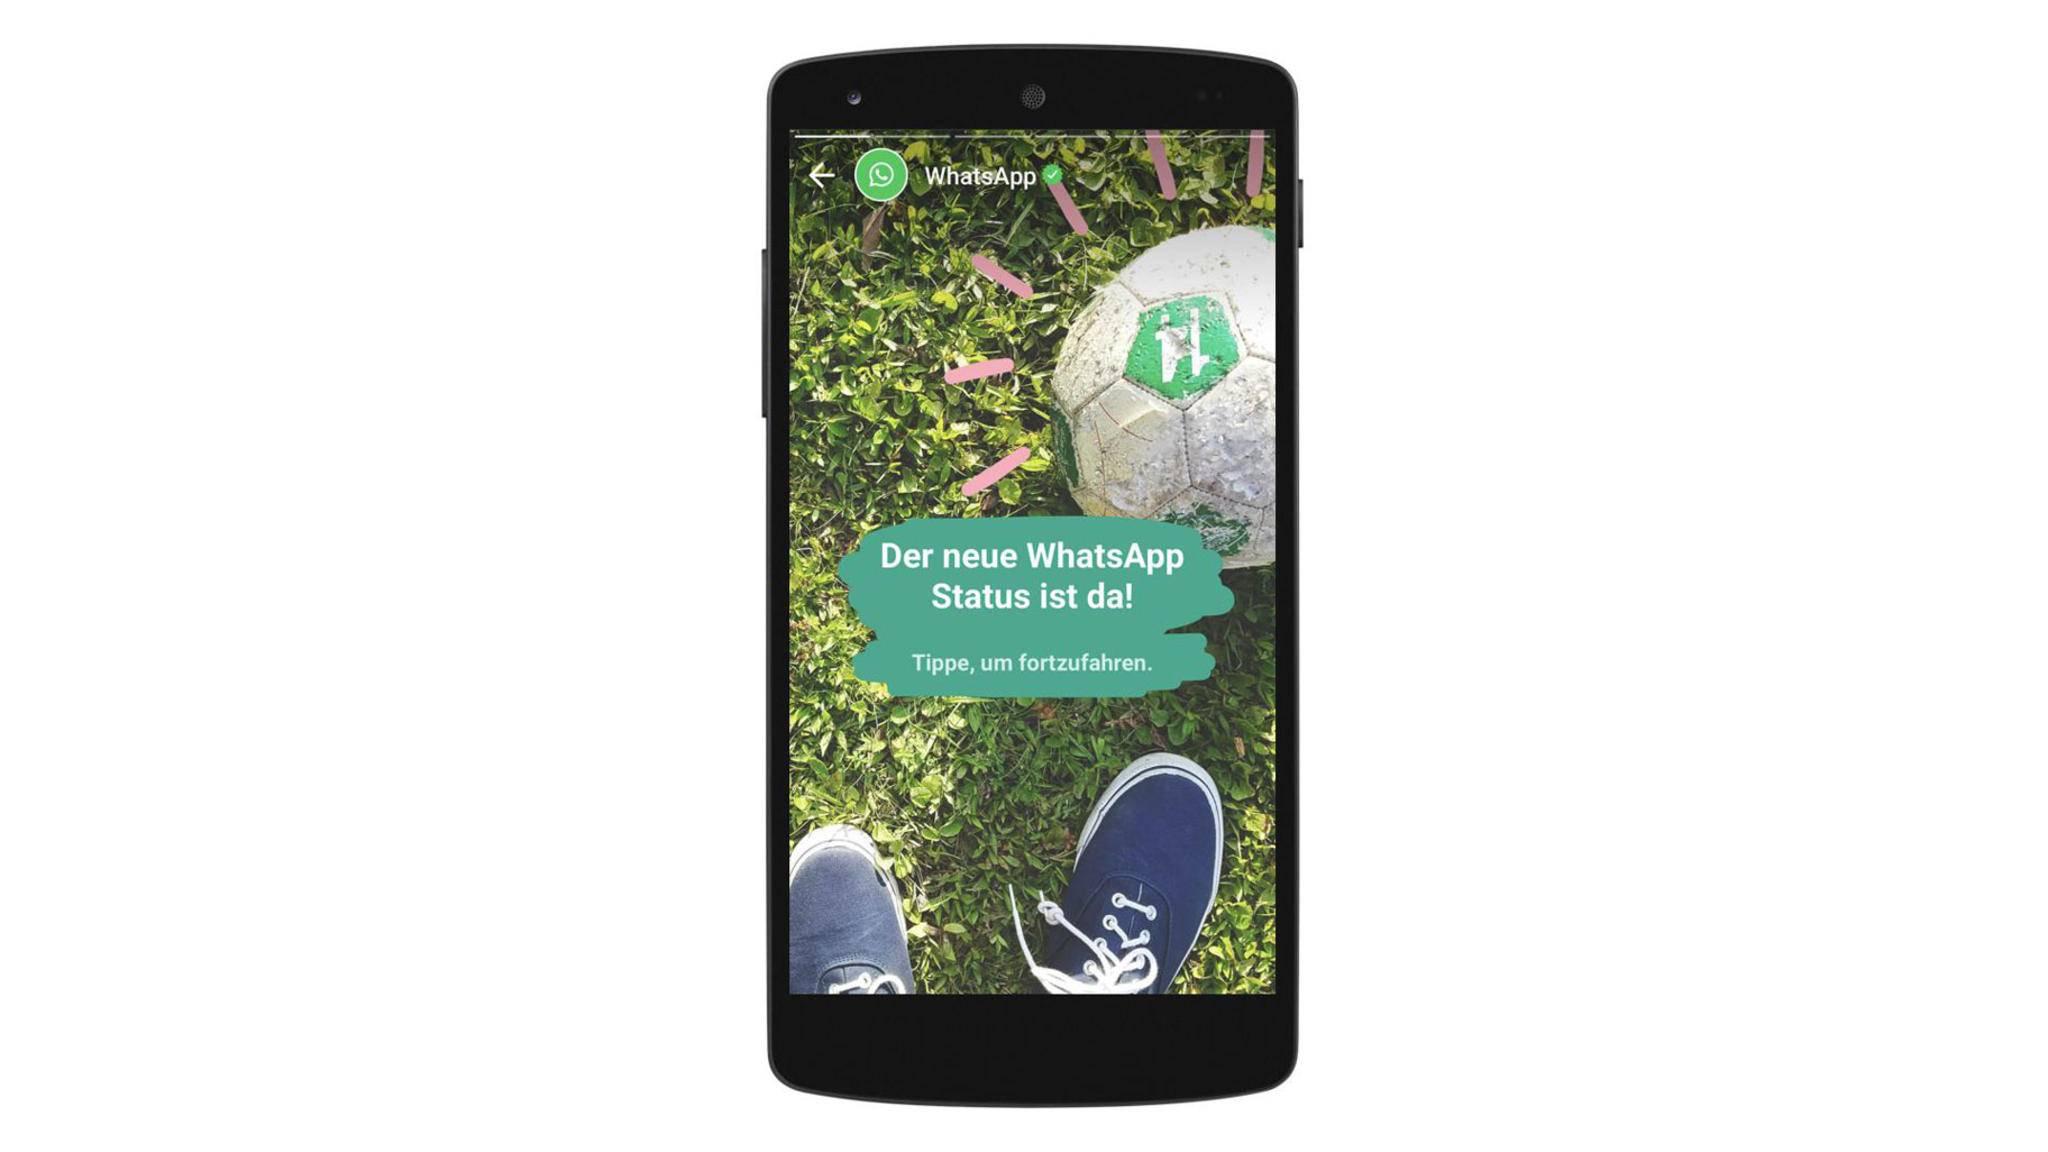 WhatsApp greift mit seiner neuen Status-Funktion den Konkurrenten Snapchat an.